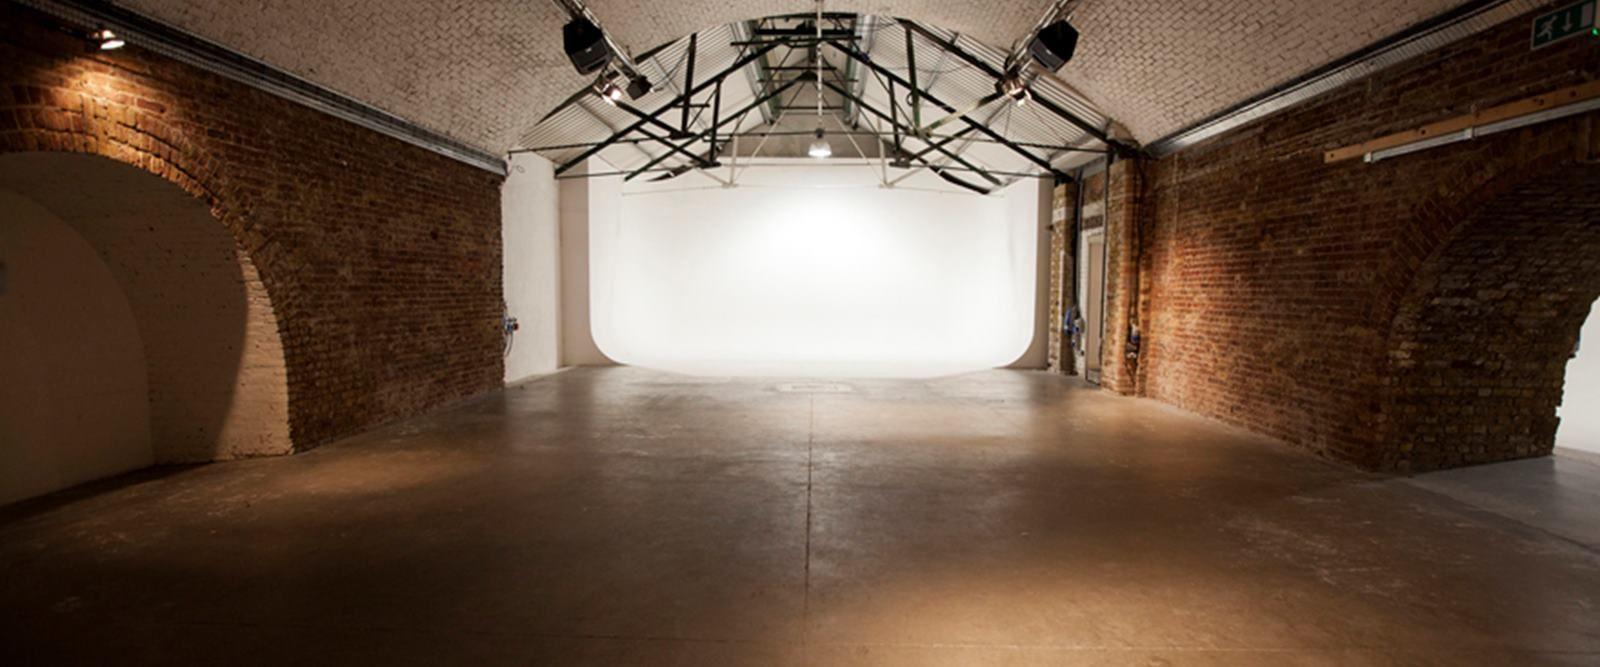 Shoreditch Studios Studio, Shoreditch